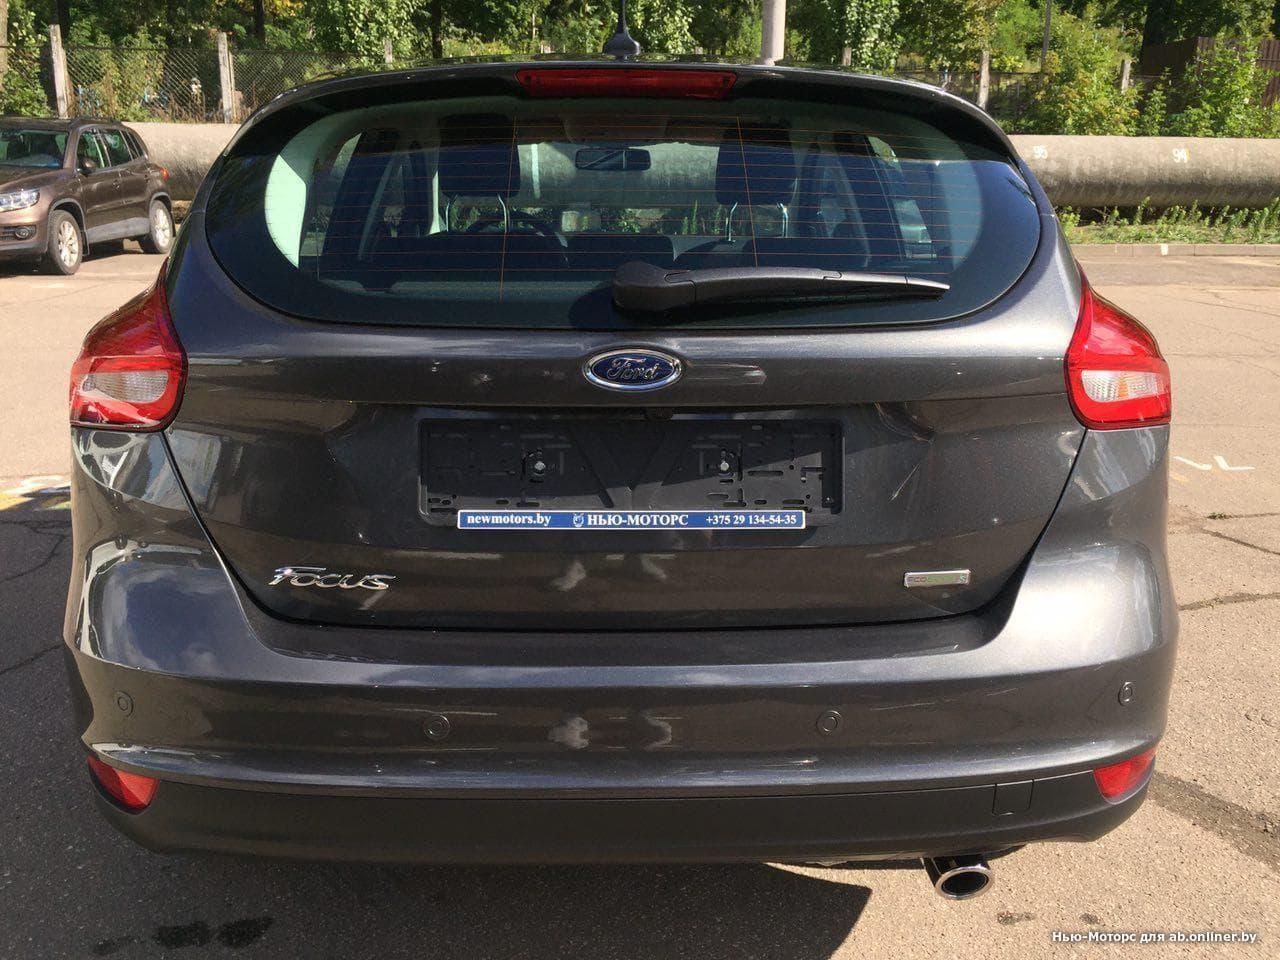 Ford Focus TITANIUM 1.5 л EcoBoost